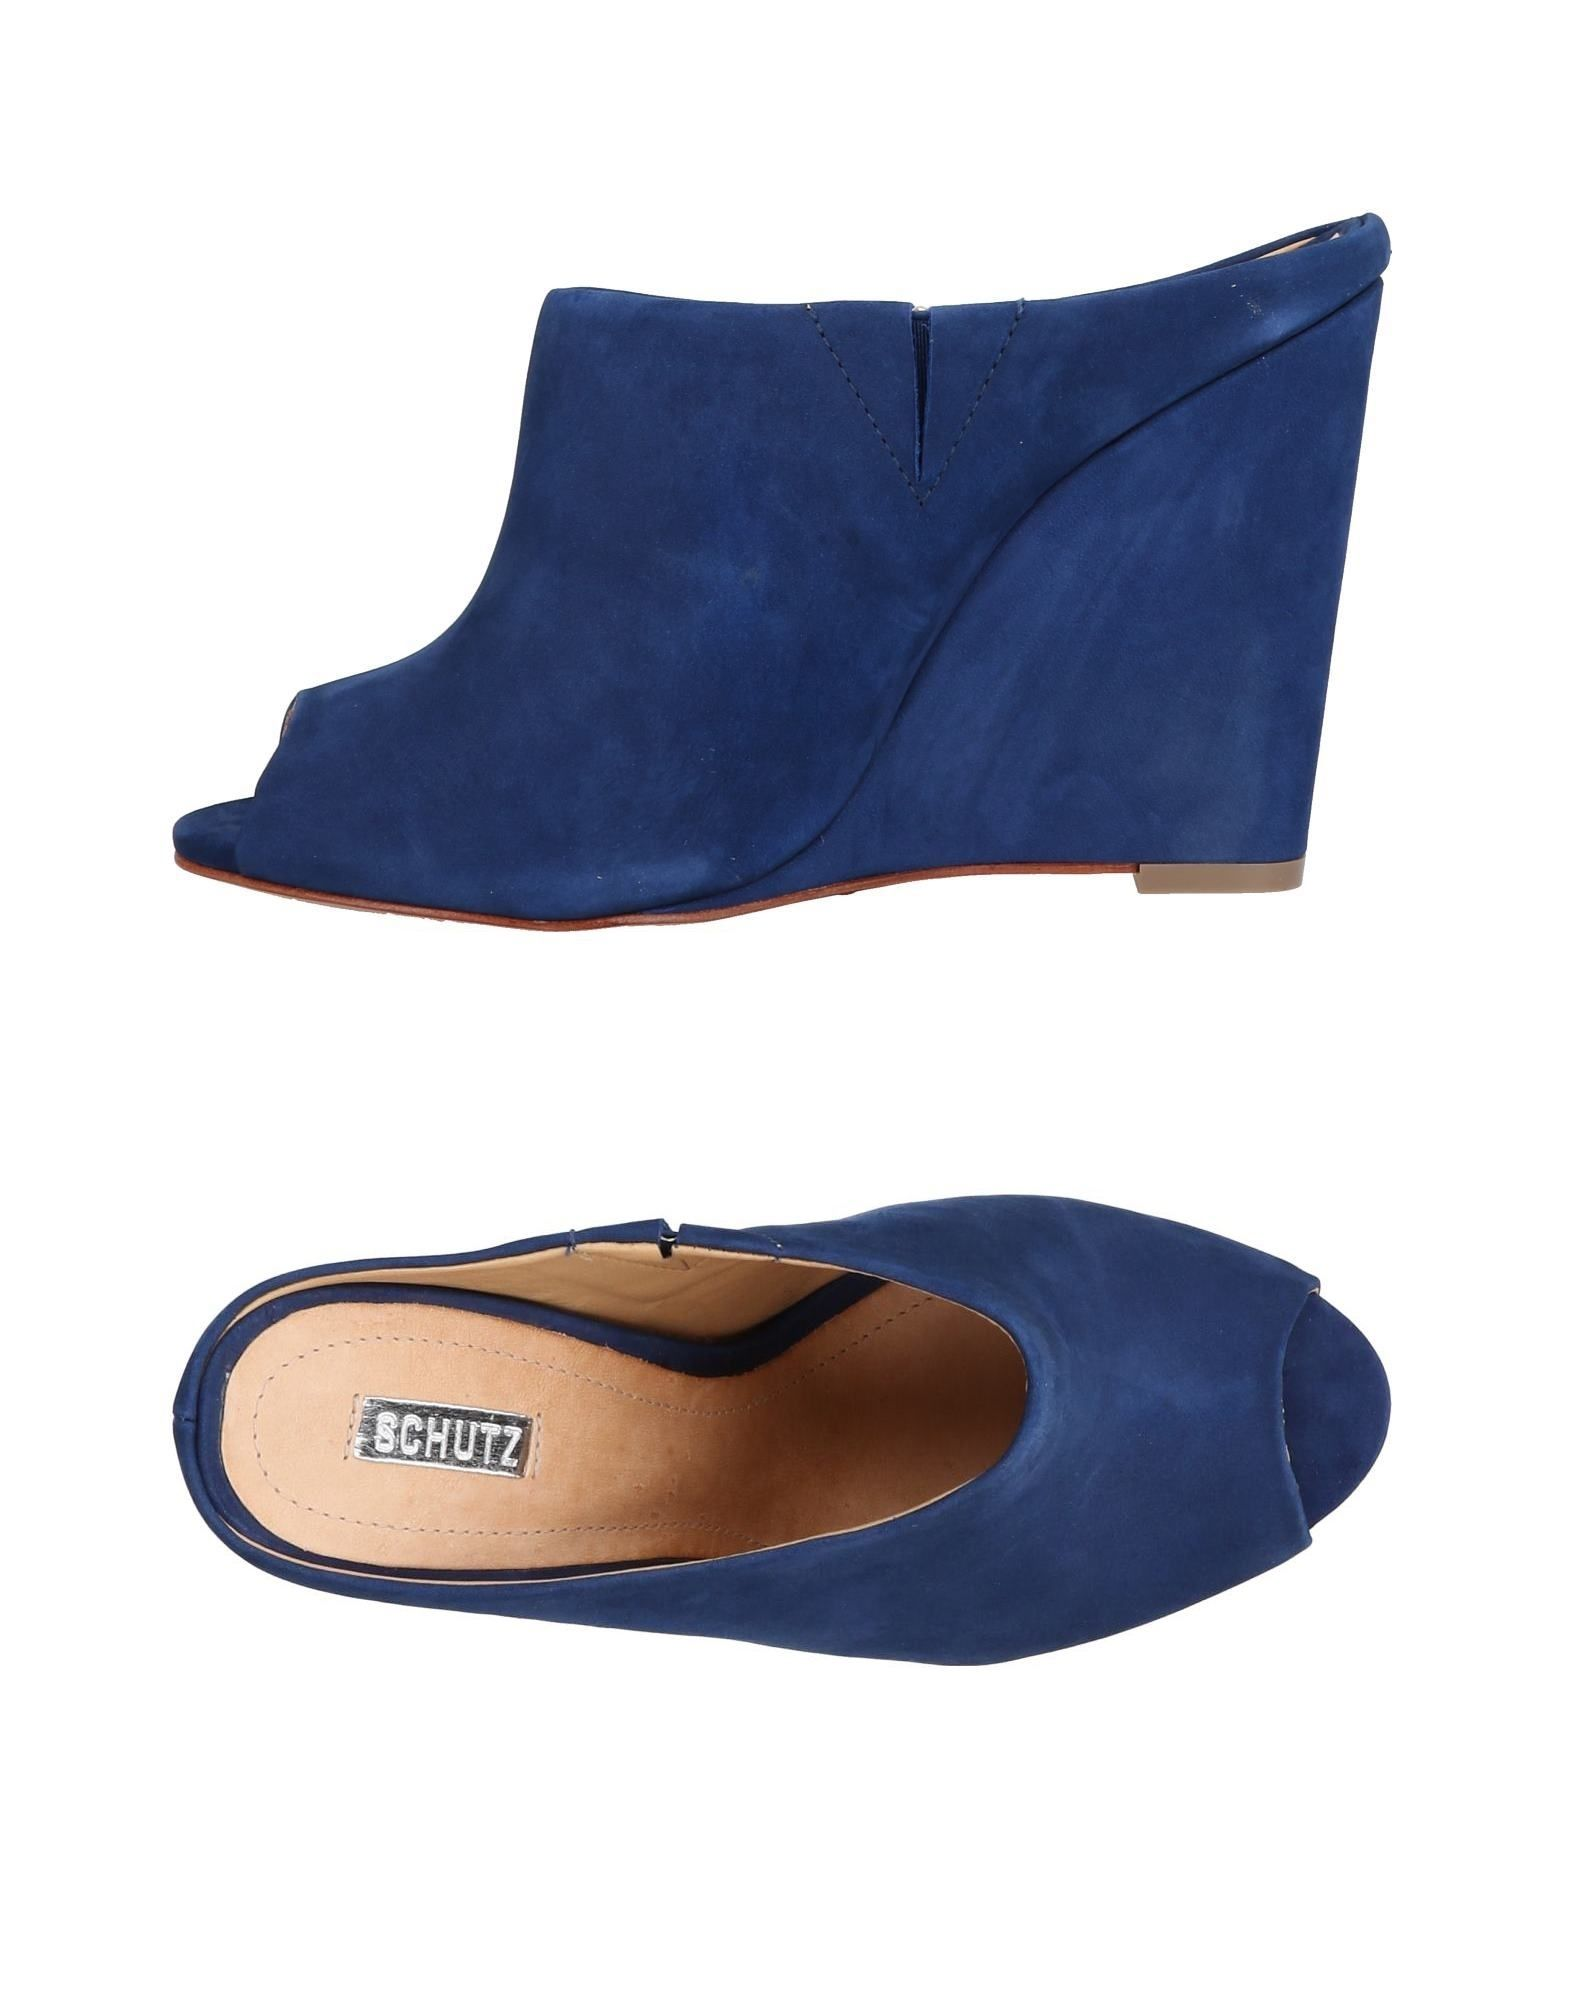 Schutz Sandals - Women Schutz Sandals - online on  Australia - Sandals 11463640BQ 5db40a